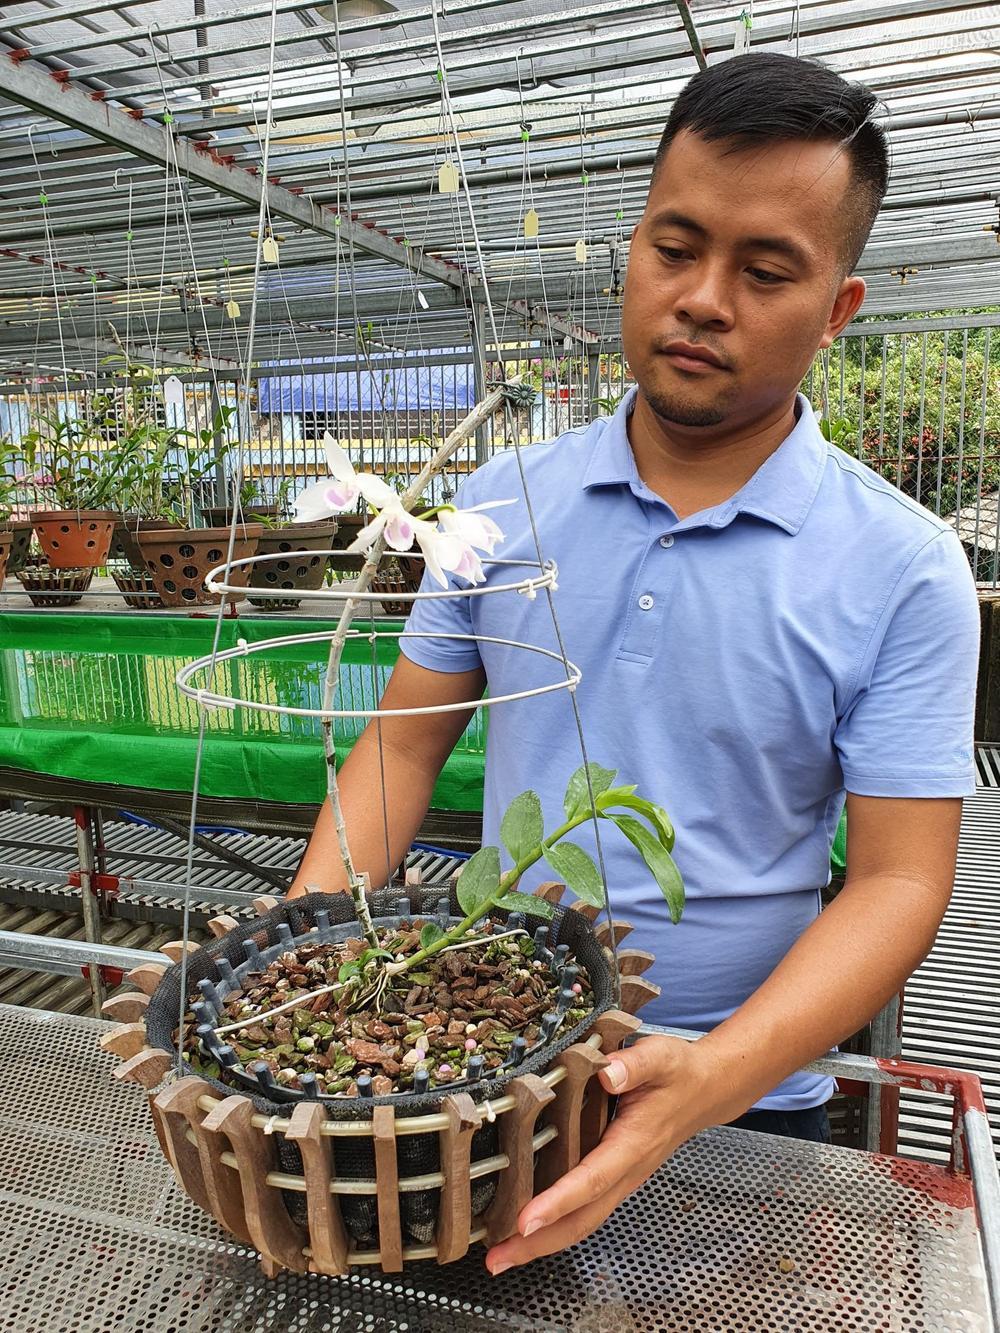 Ông chủ vườn lan Dương Xuân Tú thành công nhờ đam mê từ nhỏ Ảnh 5